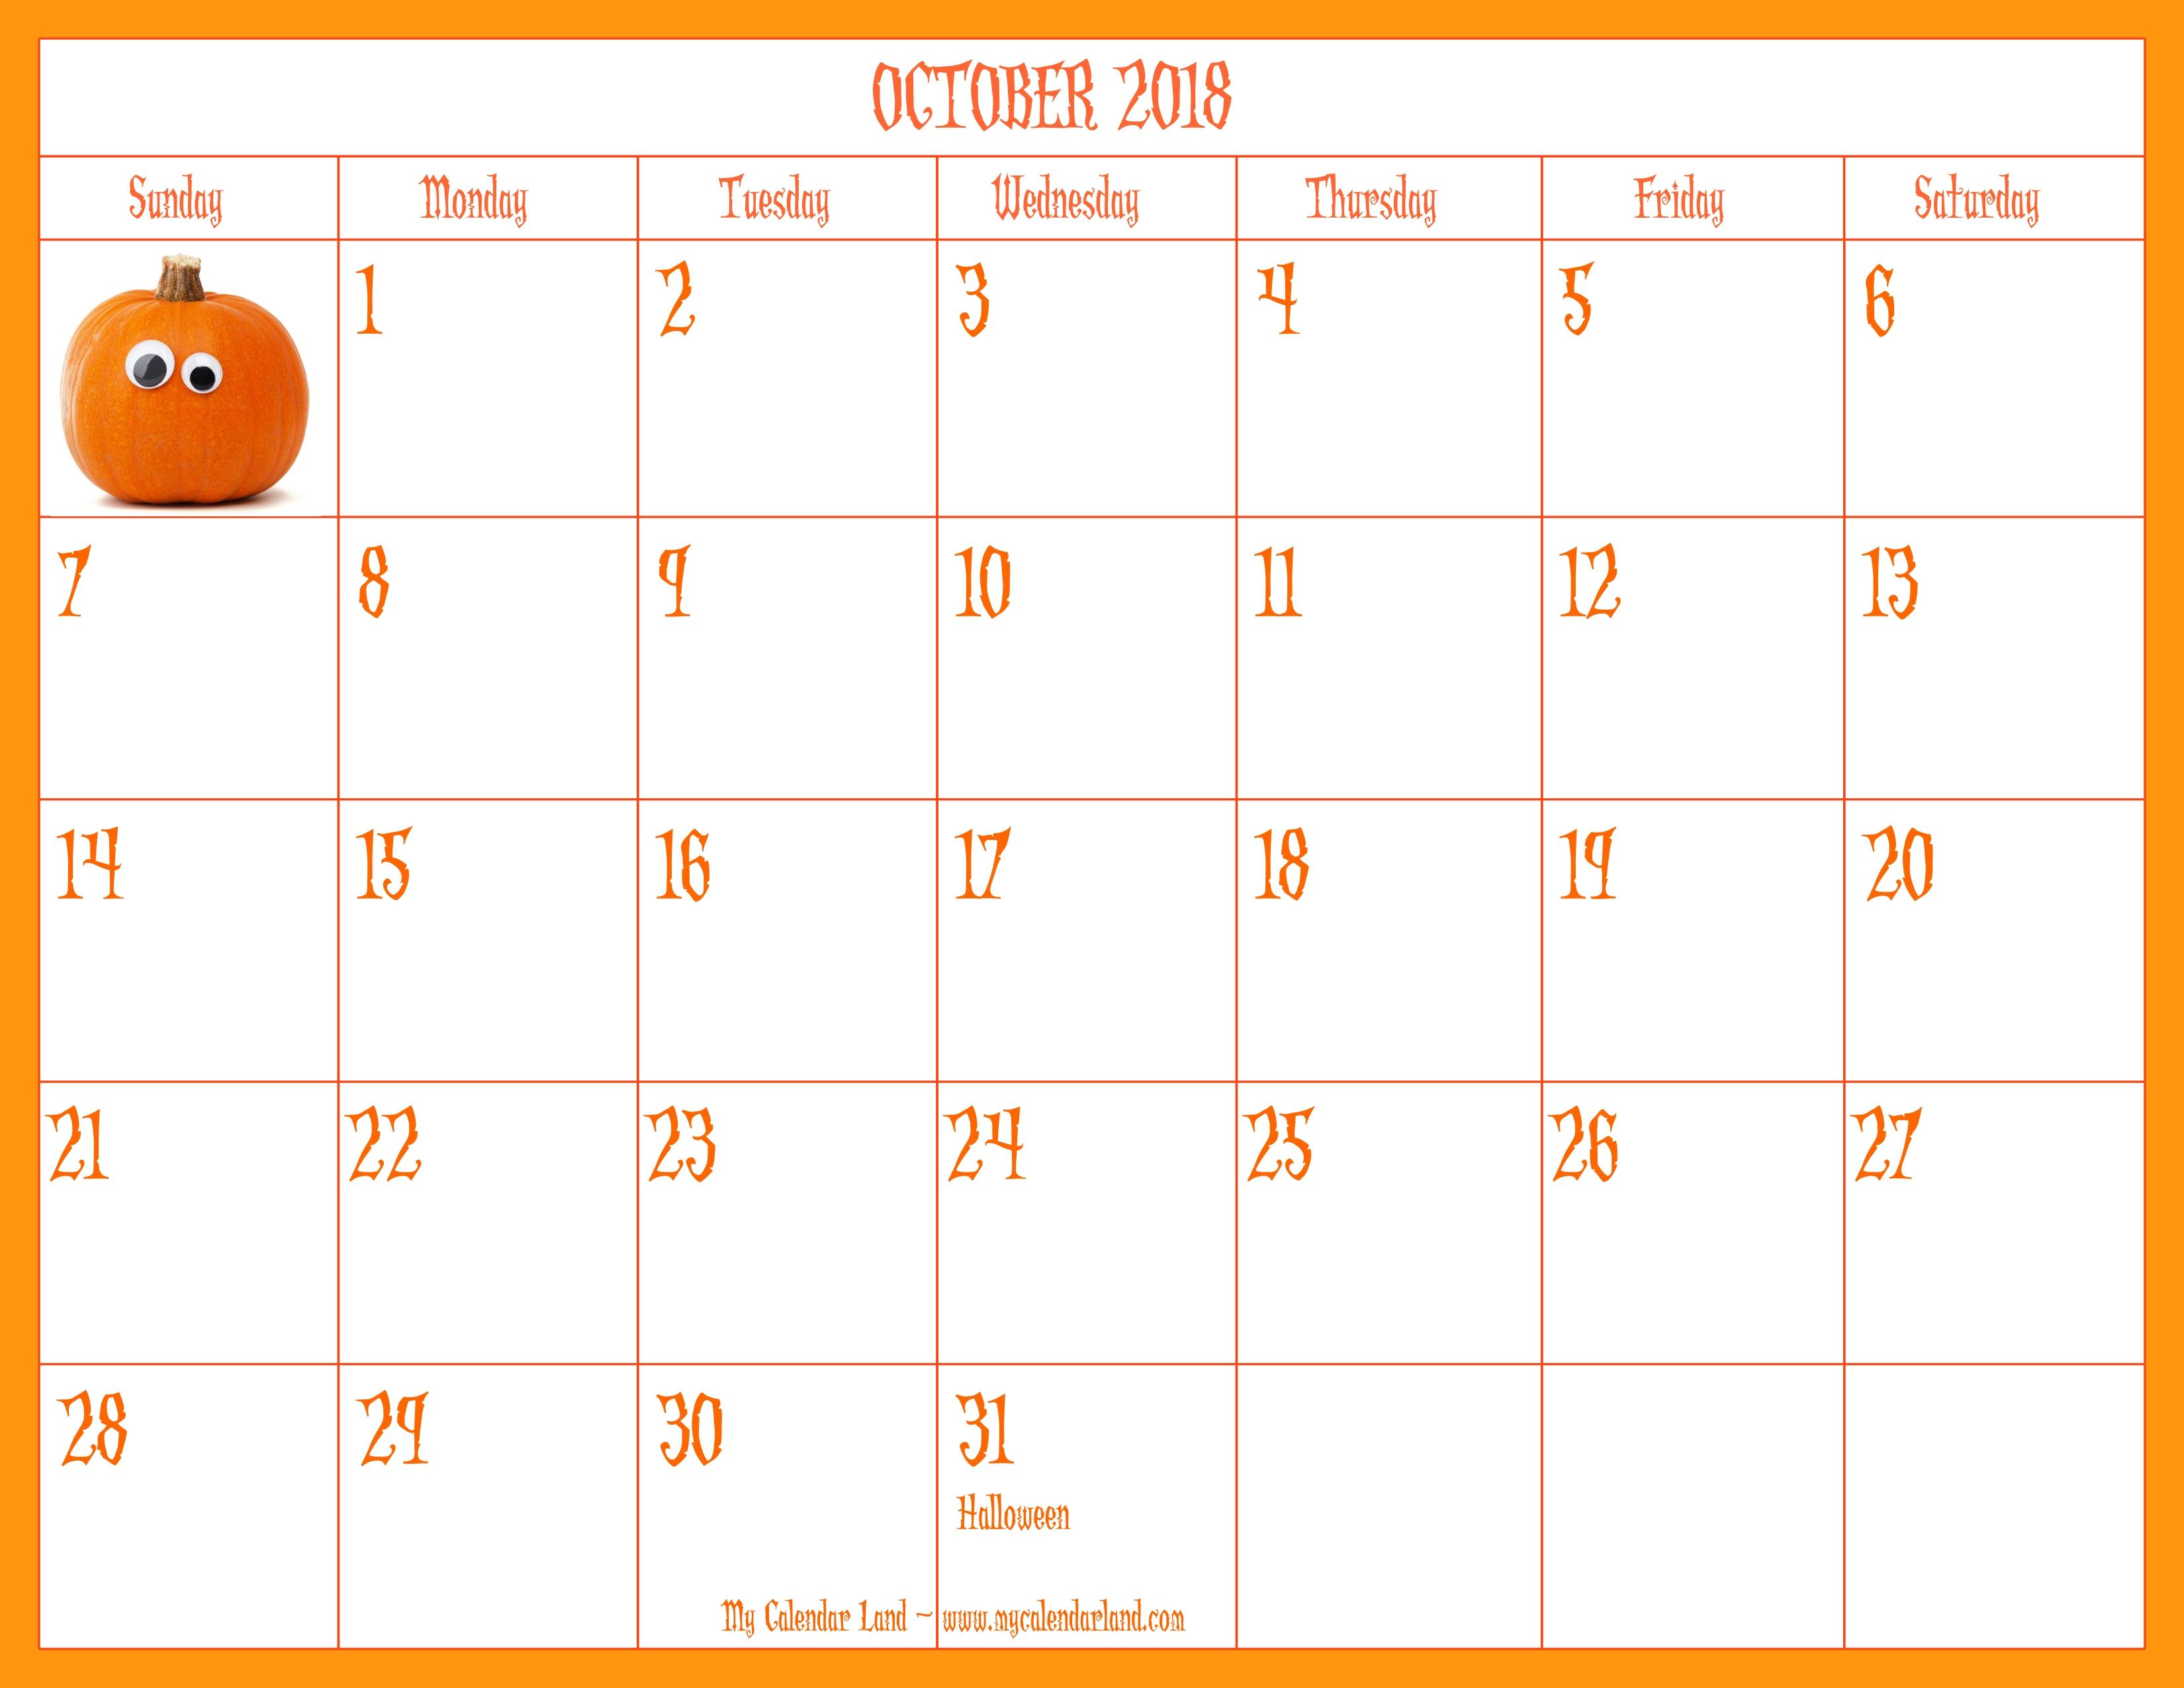 Free Printable Scary October Calendar 2019 | Calendar Format Example for Free Printable Scary October Calendar 2019